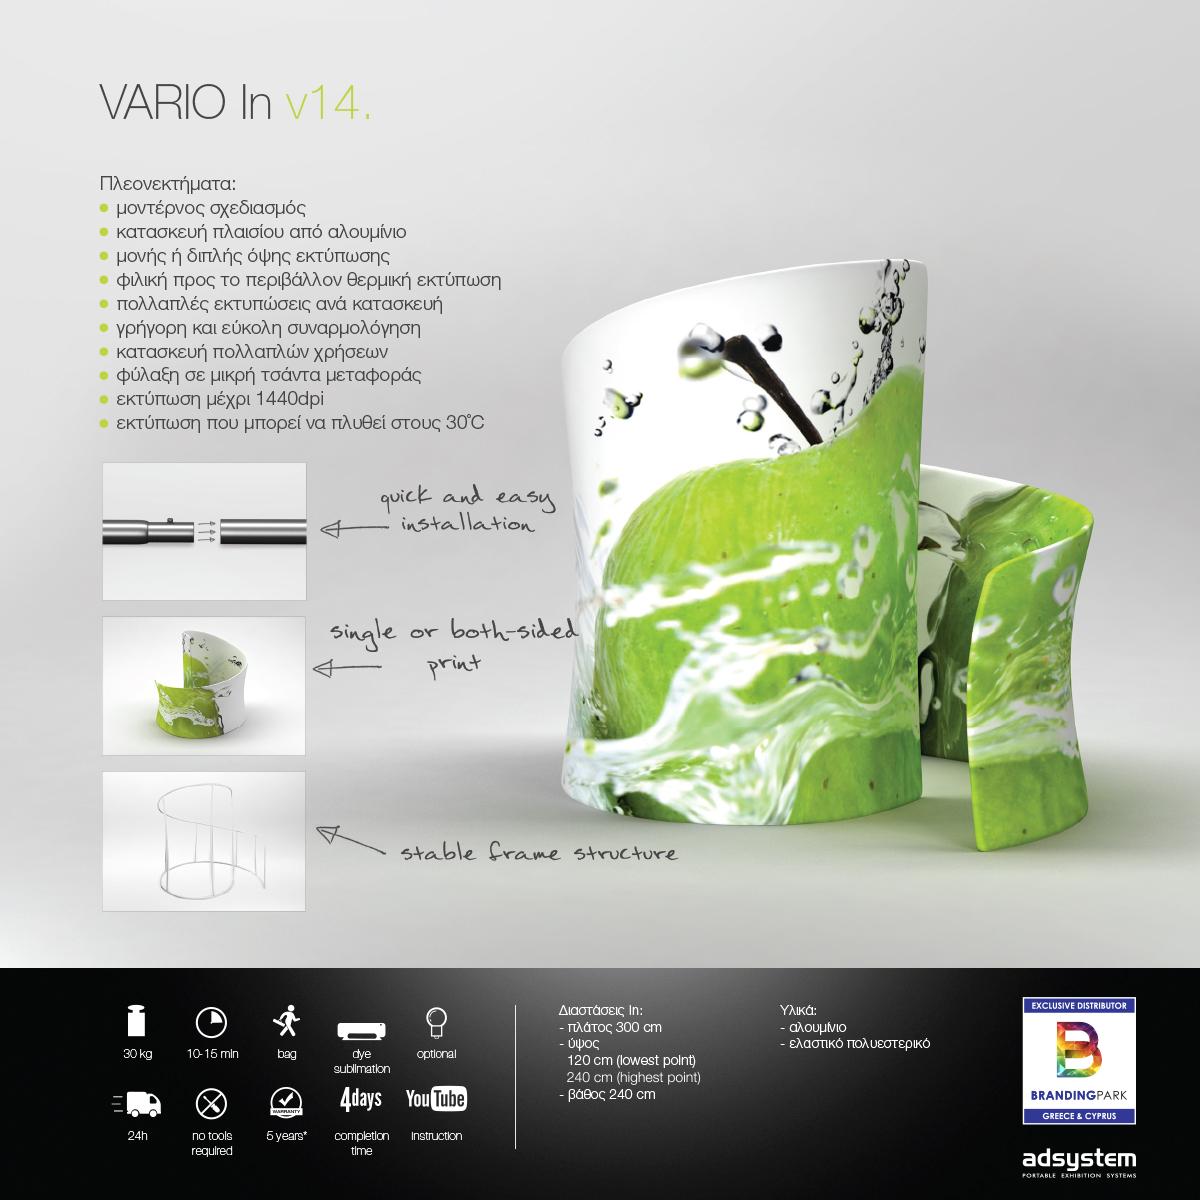 Υφασμάτινο display με αποθηκευτικό χώρο - VARIO In v14.